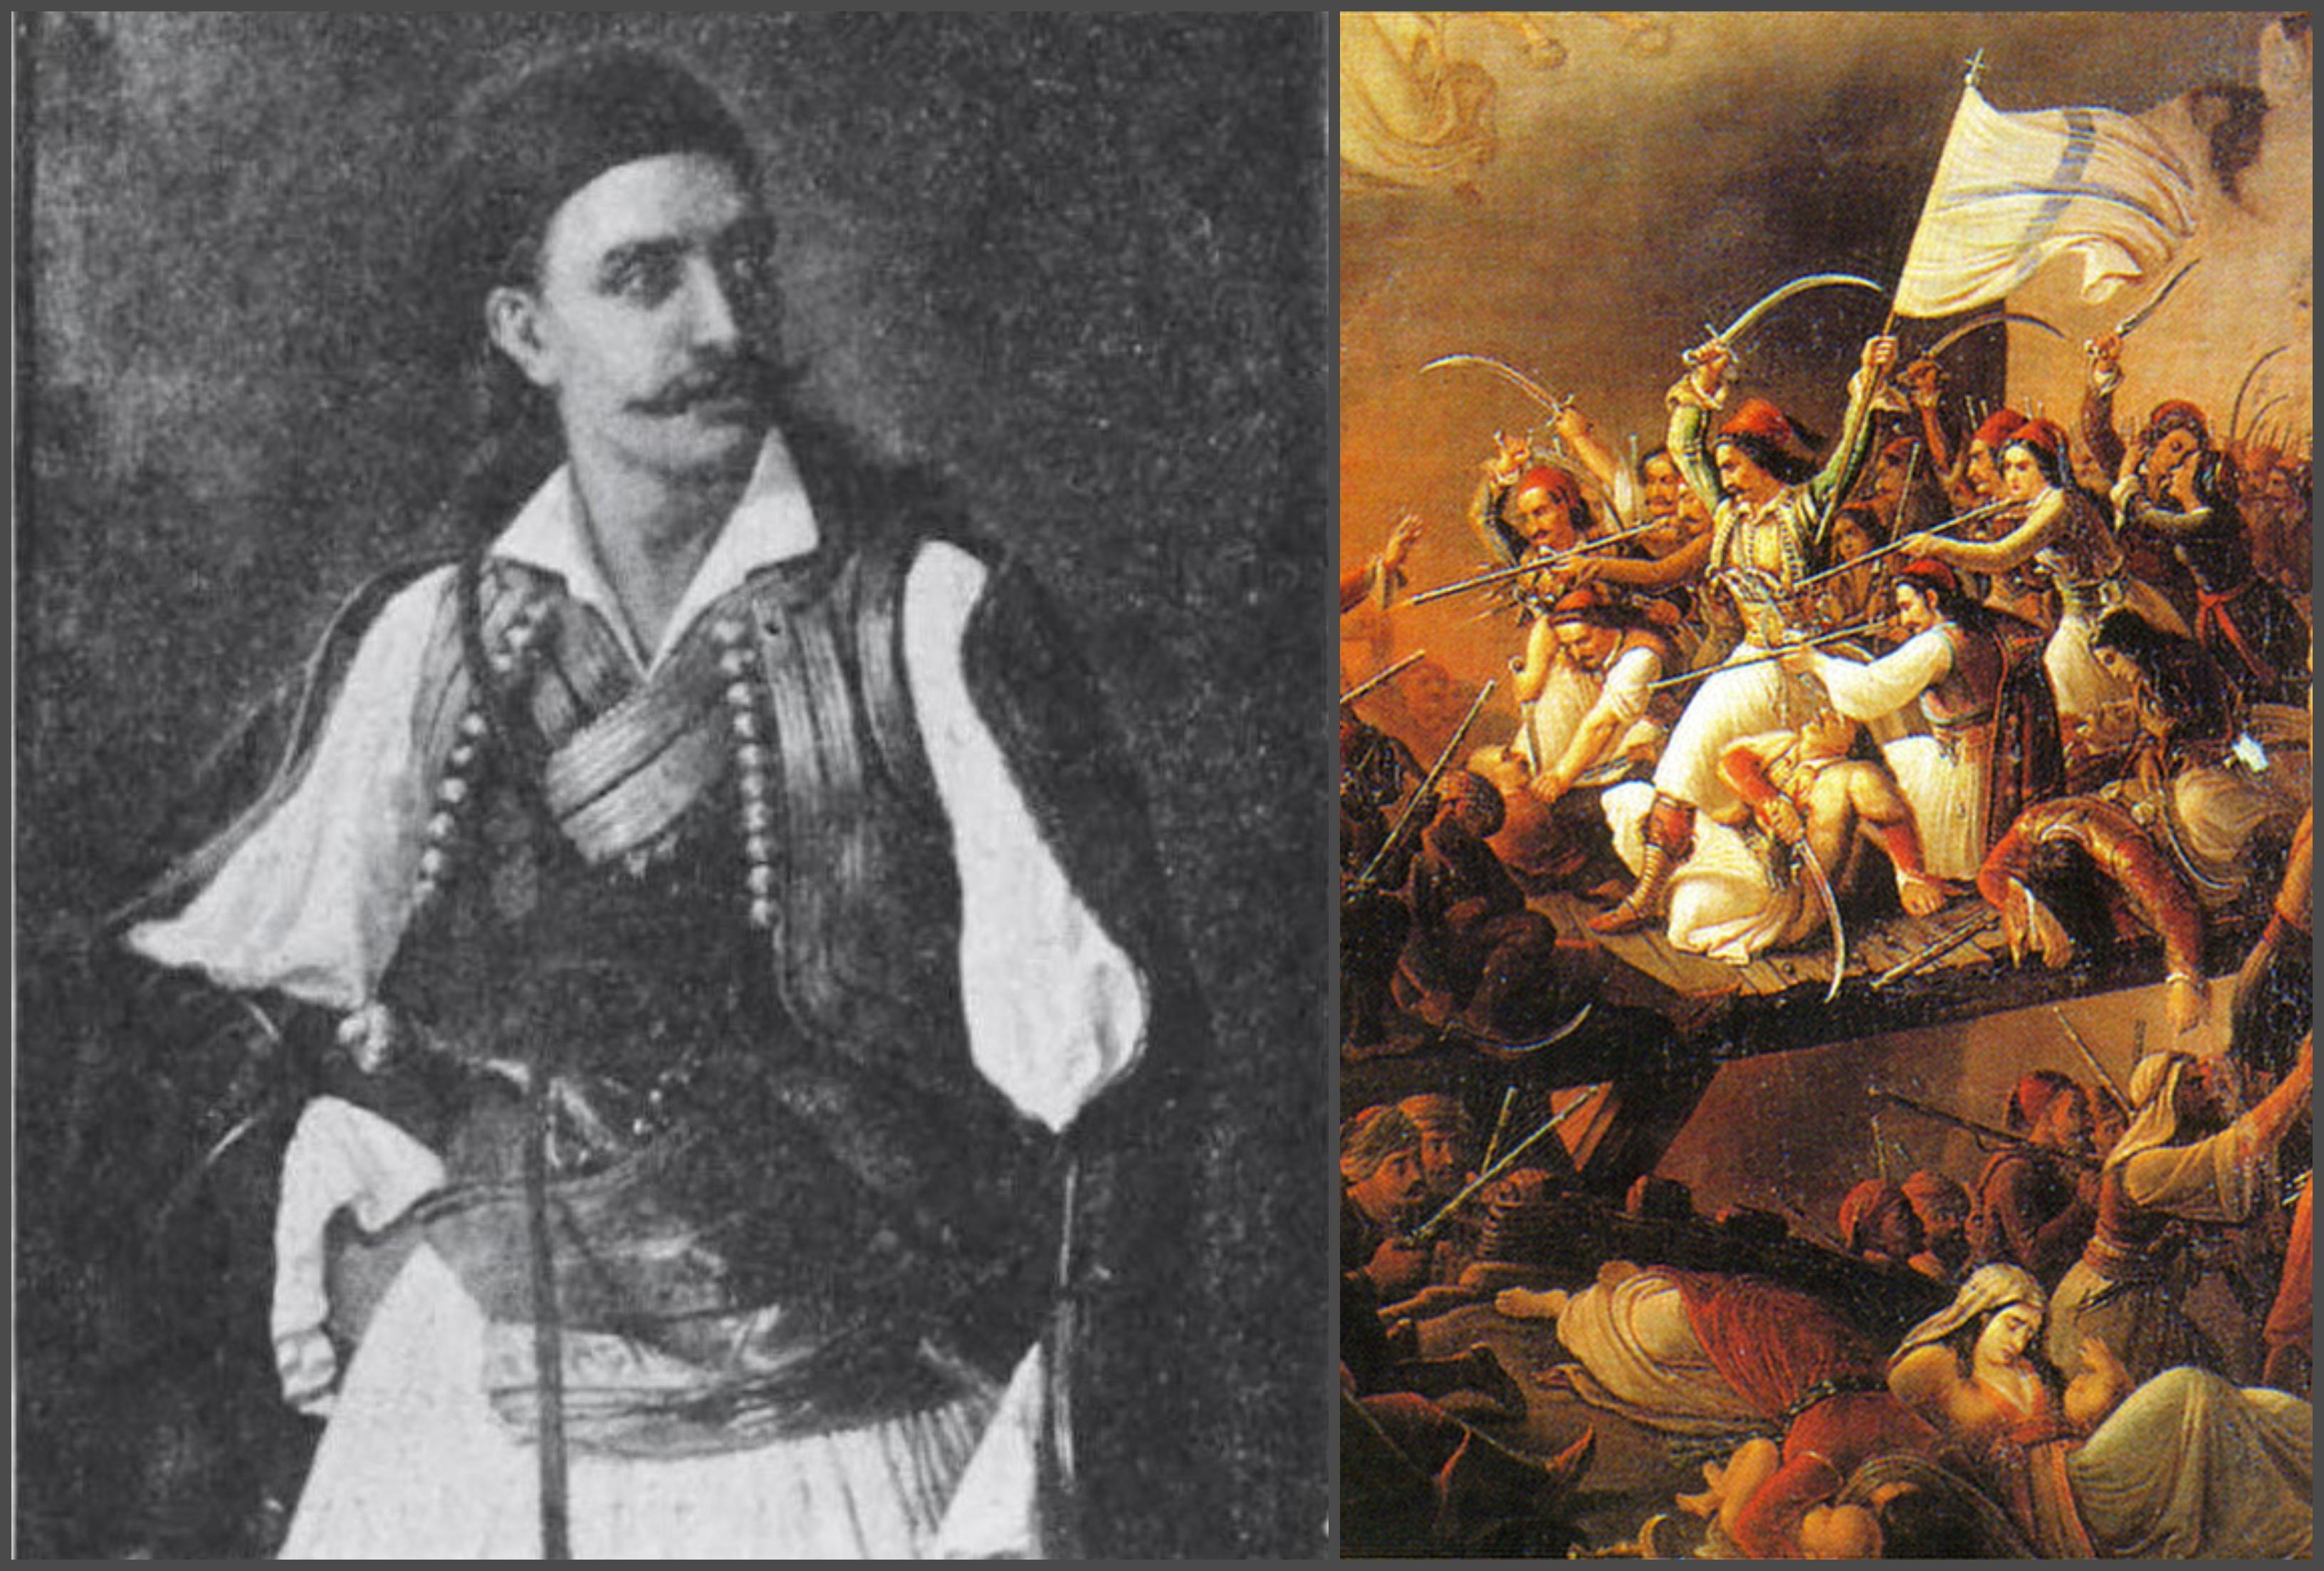 Οι δολοφονικές απόπειρες του Αλή Πασά εναντίον του Γεώργιου Κίτσου Κονταξή, του αδελφού της θρυλικής Κυρά Βασιλικής. Επιβίωσε και πολέμησε στο Μεσολόγγι